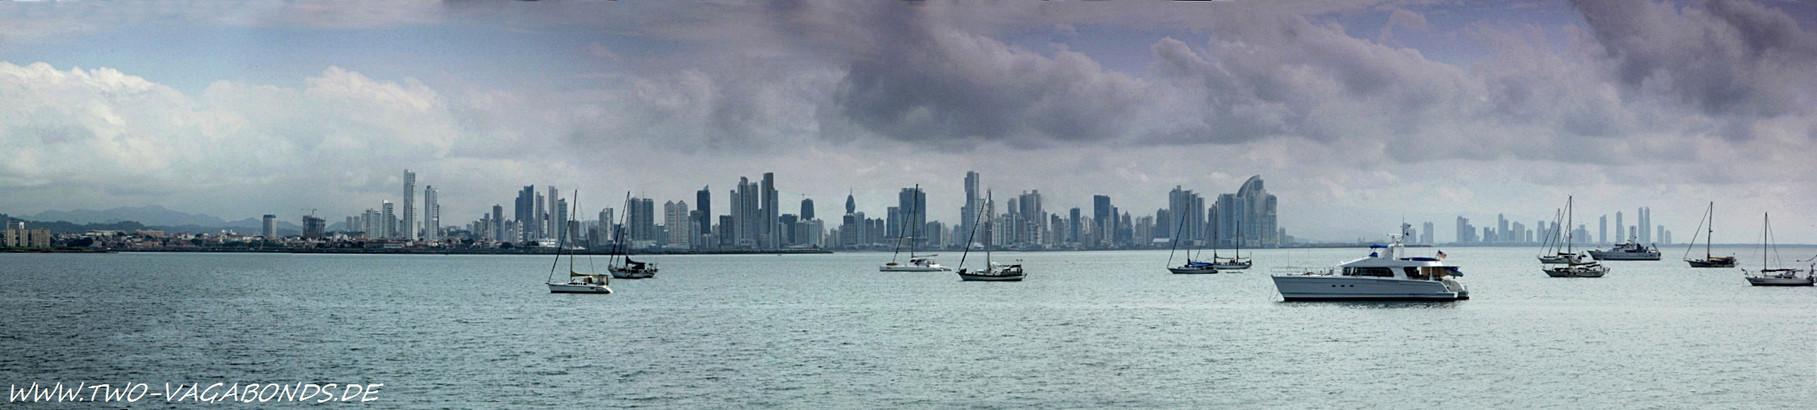 PANAMA 2013 - PANAMA CITY